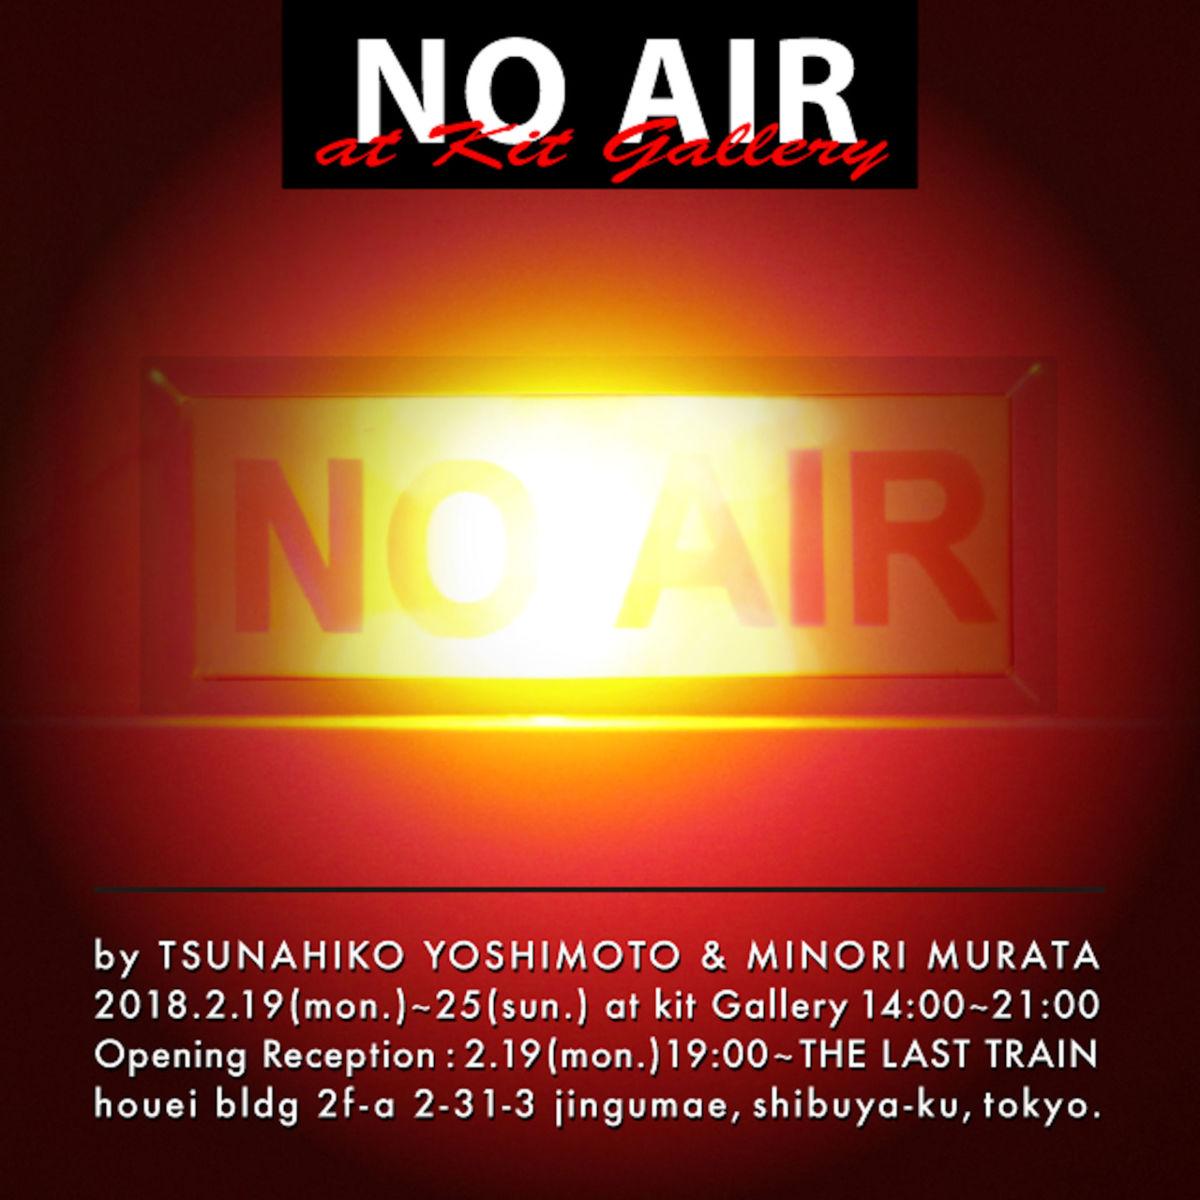 """【インタビュー】二人展<NO AIR>を開催!コムアイとのコラボなど手がけたskydiving magazine・村田実莉と""""ゴミ""""アーティスト・吉本綱彦に、自分・アートについて聞いてみた。(前編) interview180219_noair_03-1200x1200"""